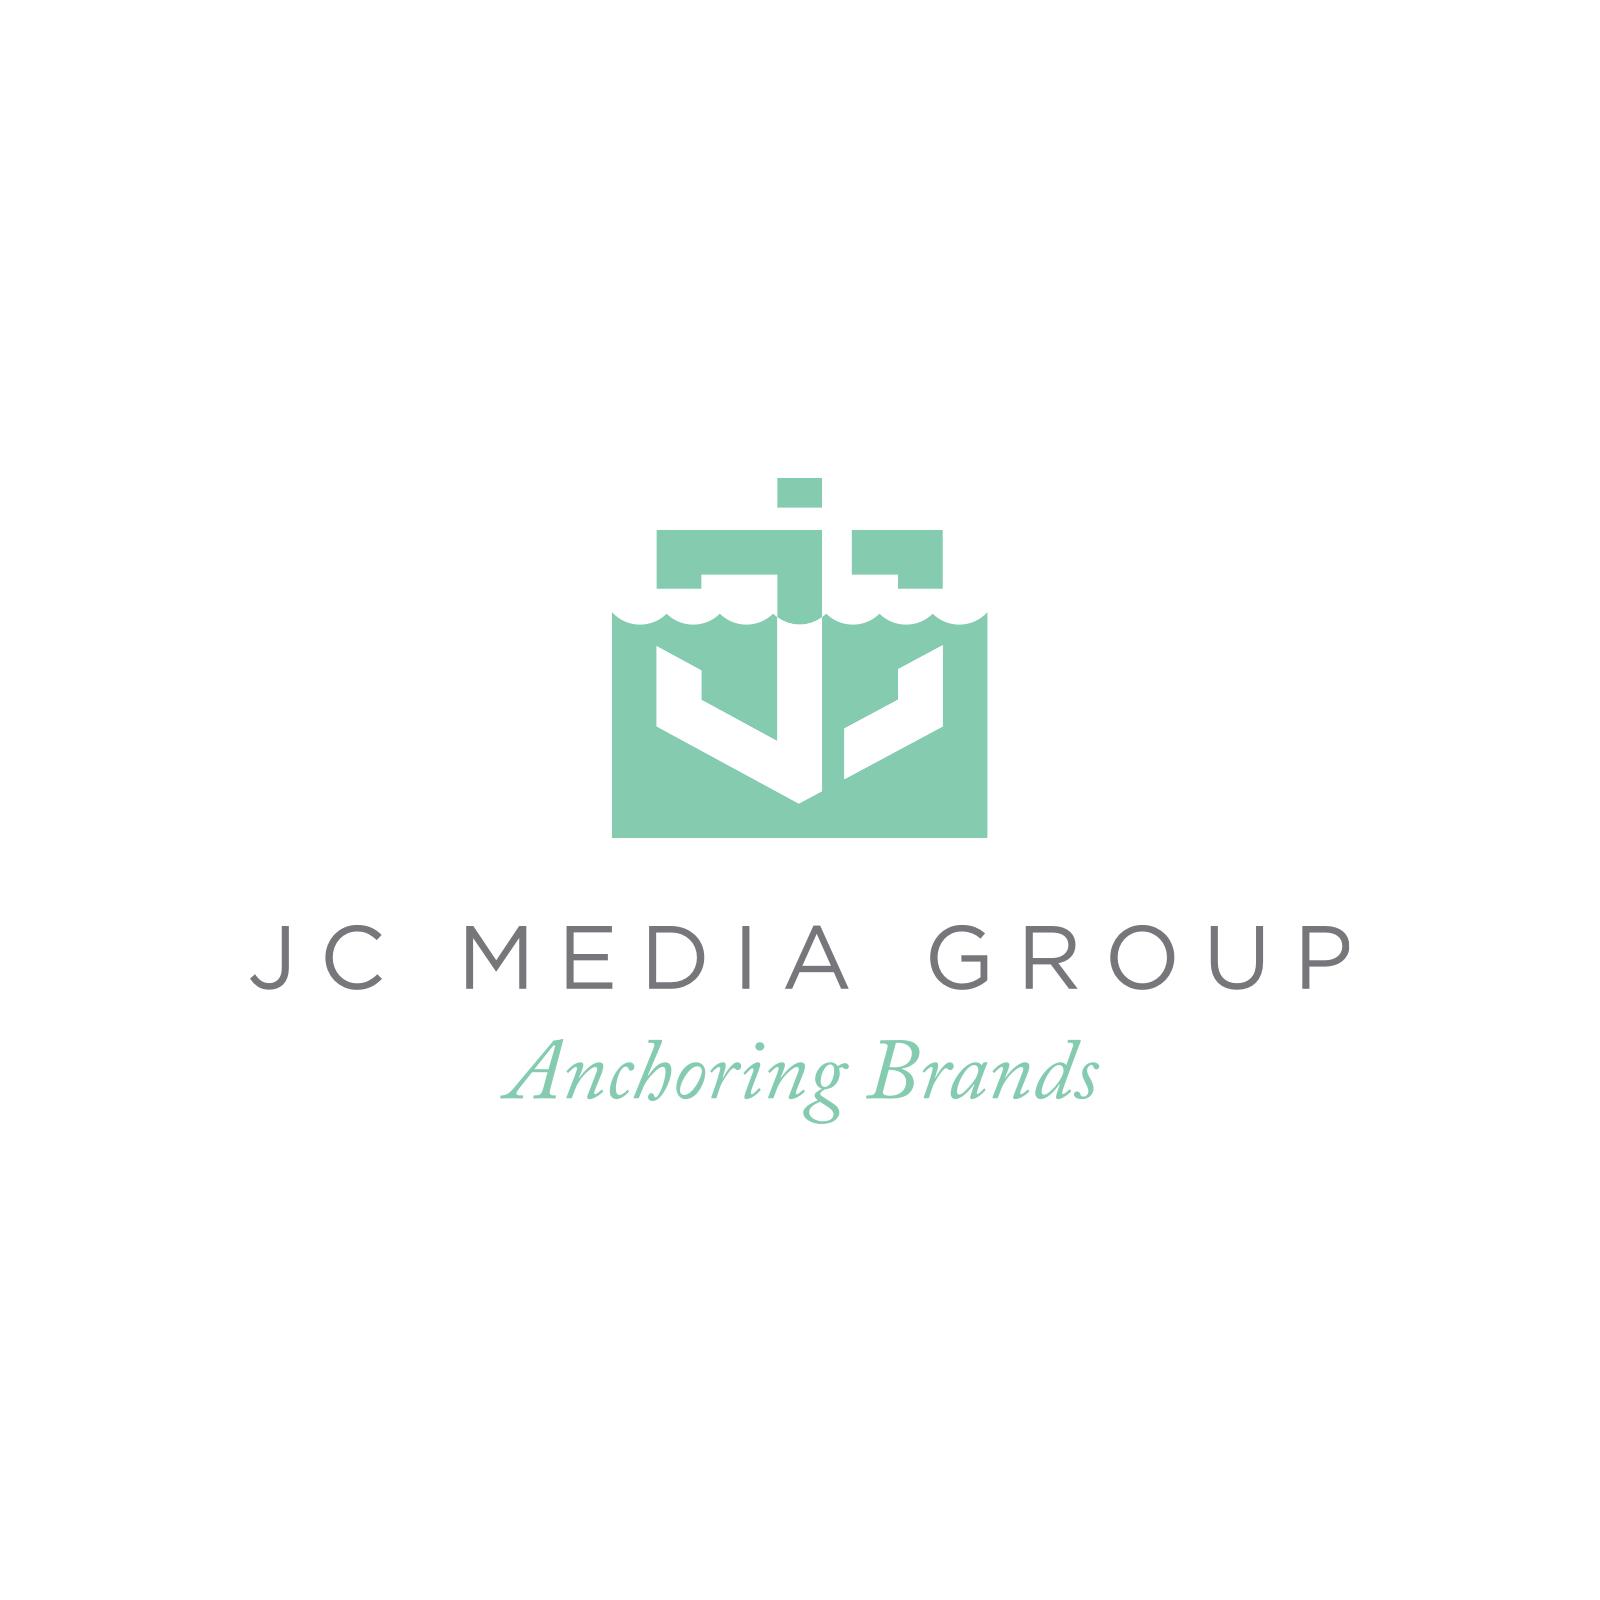 logo1 copy 33@2x.jpg